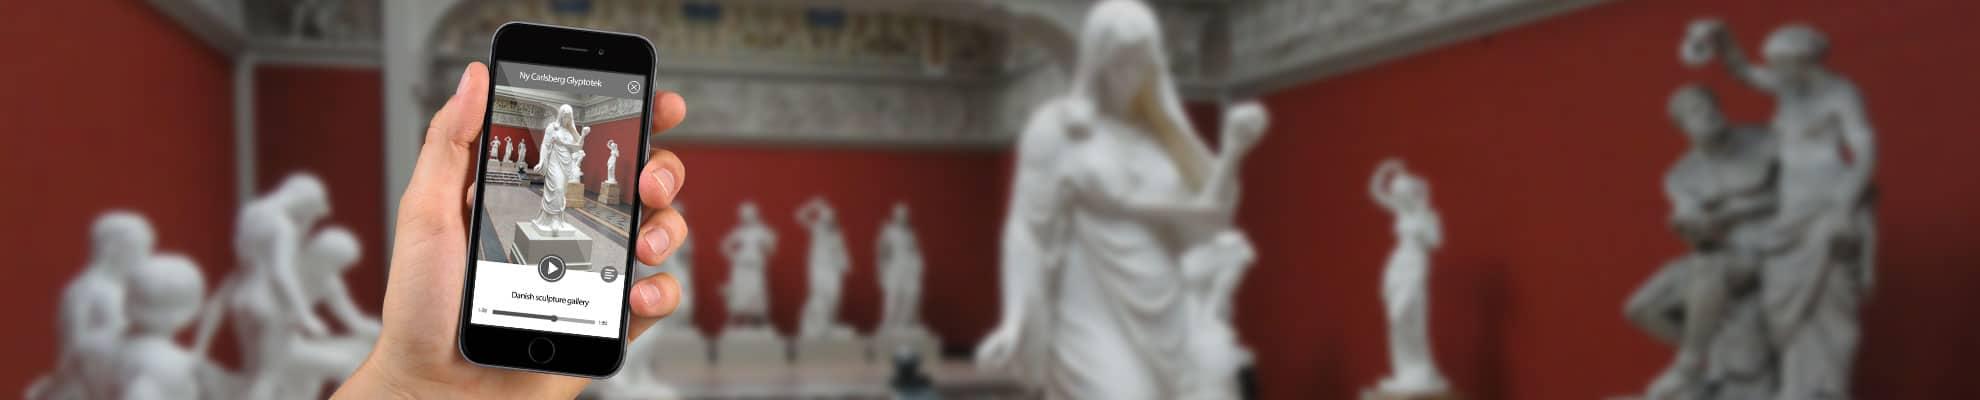 Museumsapp auf Smartphone vor Skulpturen